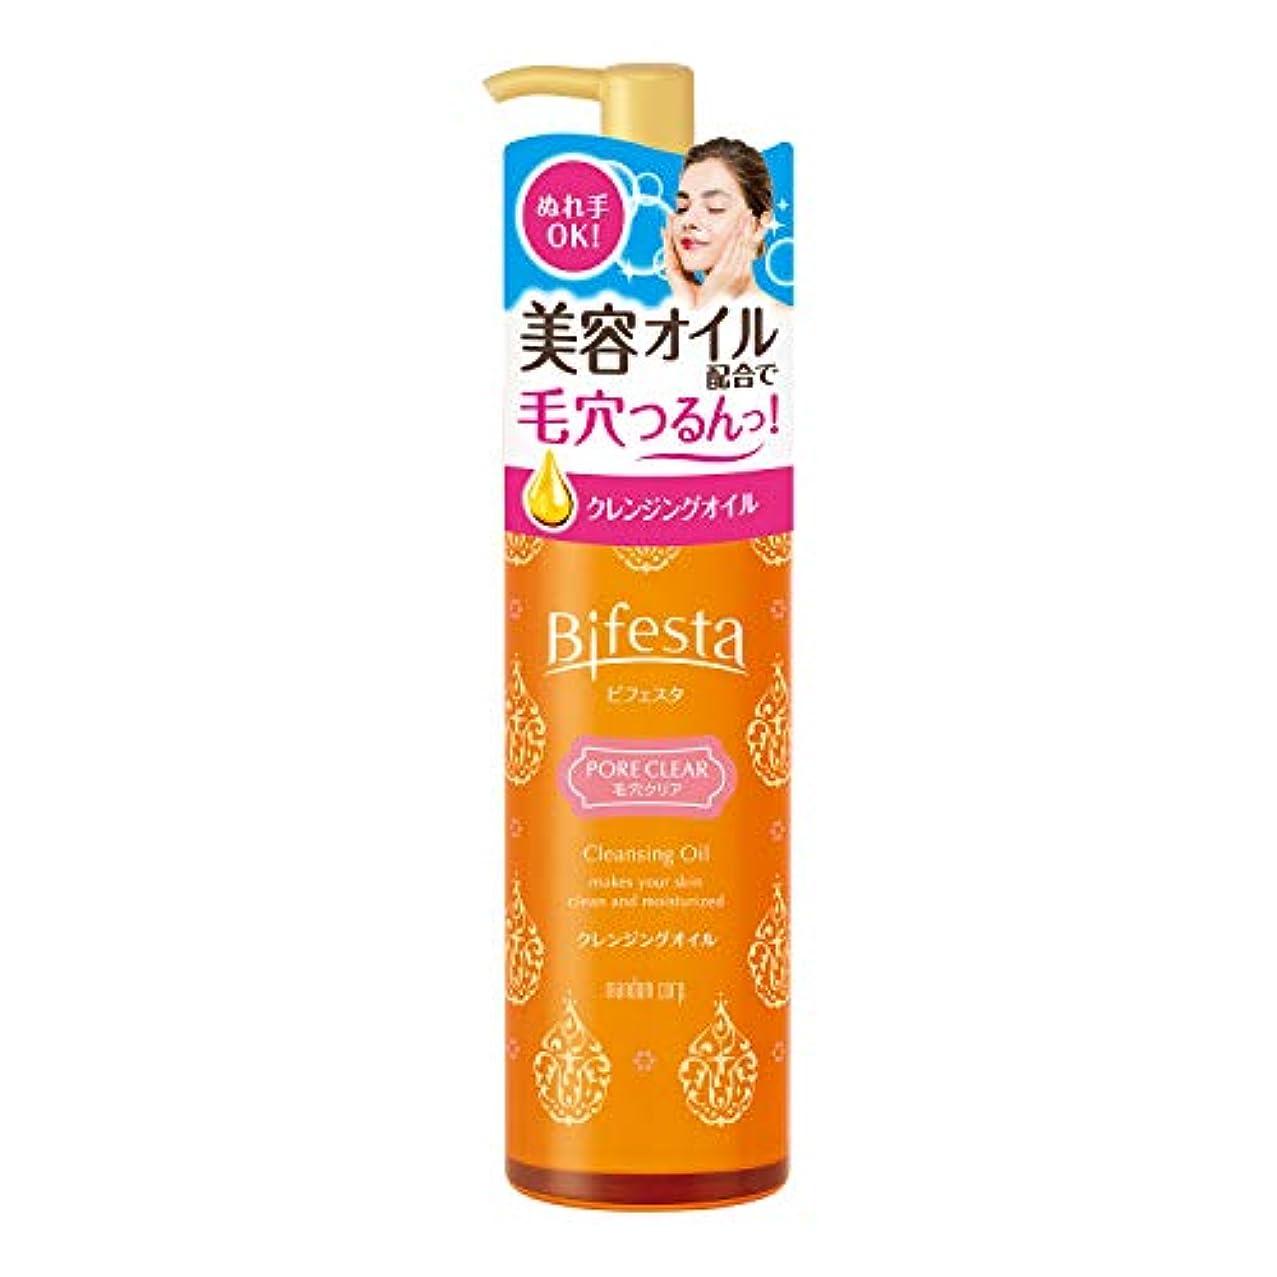 所得ブラスト富豪Bifesta(ビフェスタ) クレンジングオイル ポアクリア 230mL